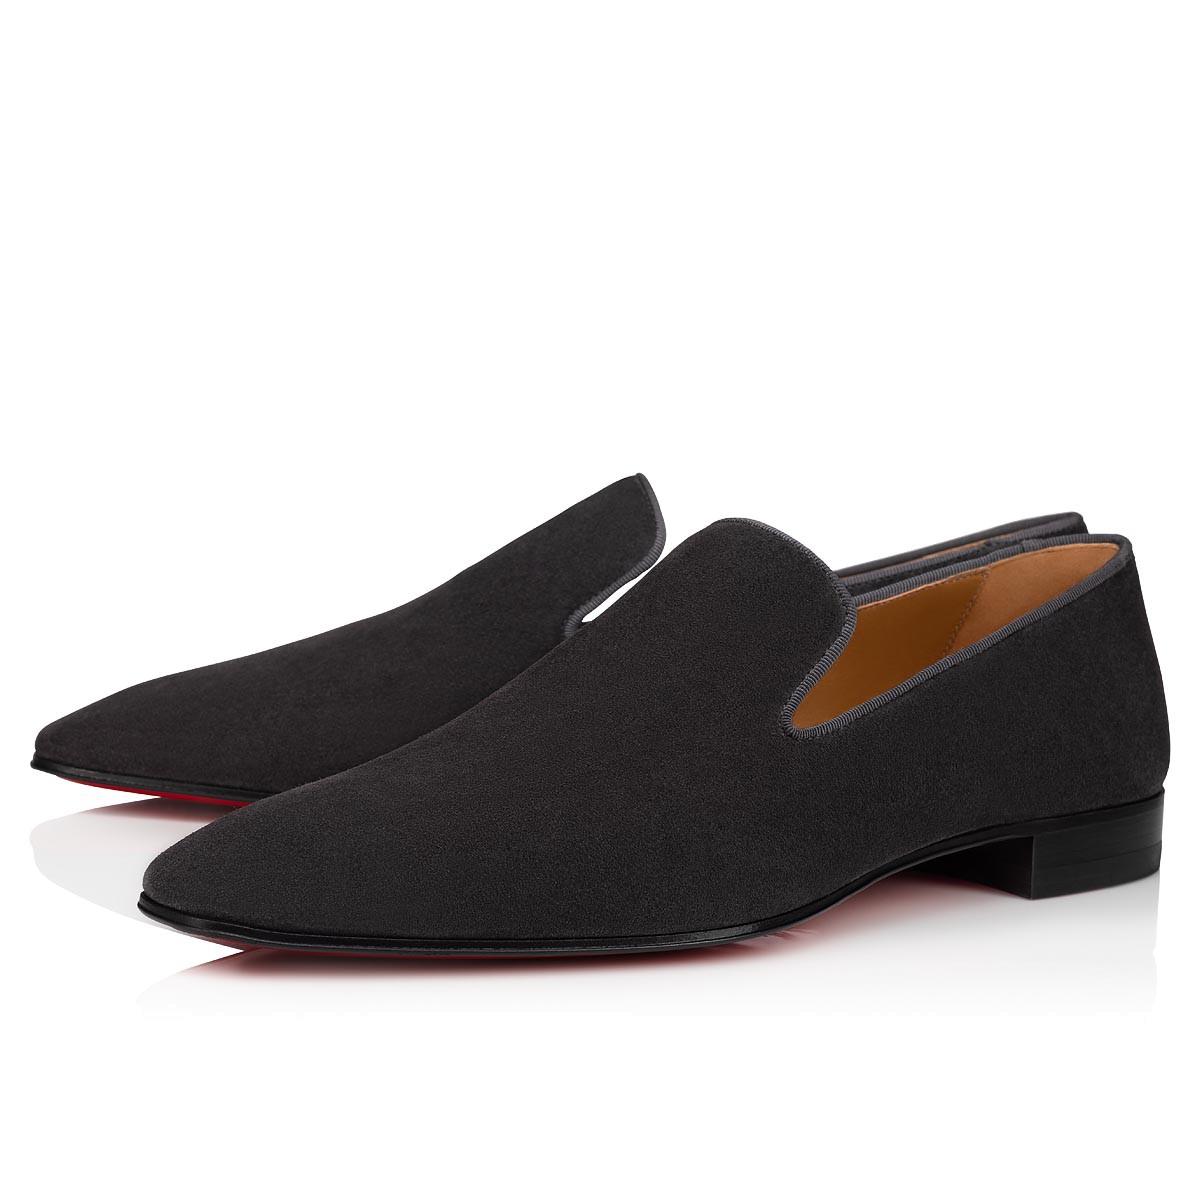 鞋履 - Dandelion Veau Velours - Christian Louboutin